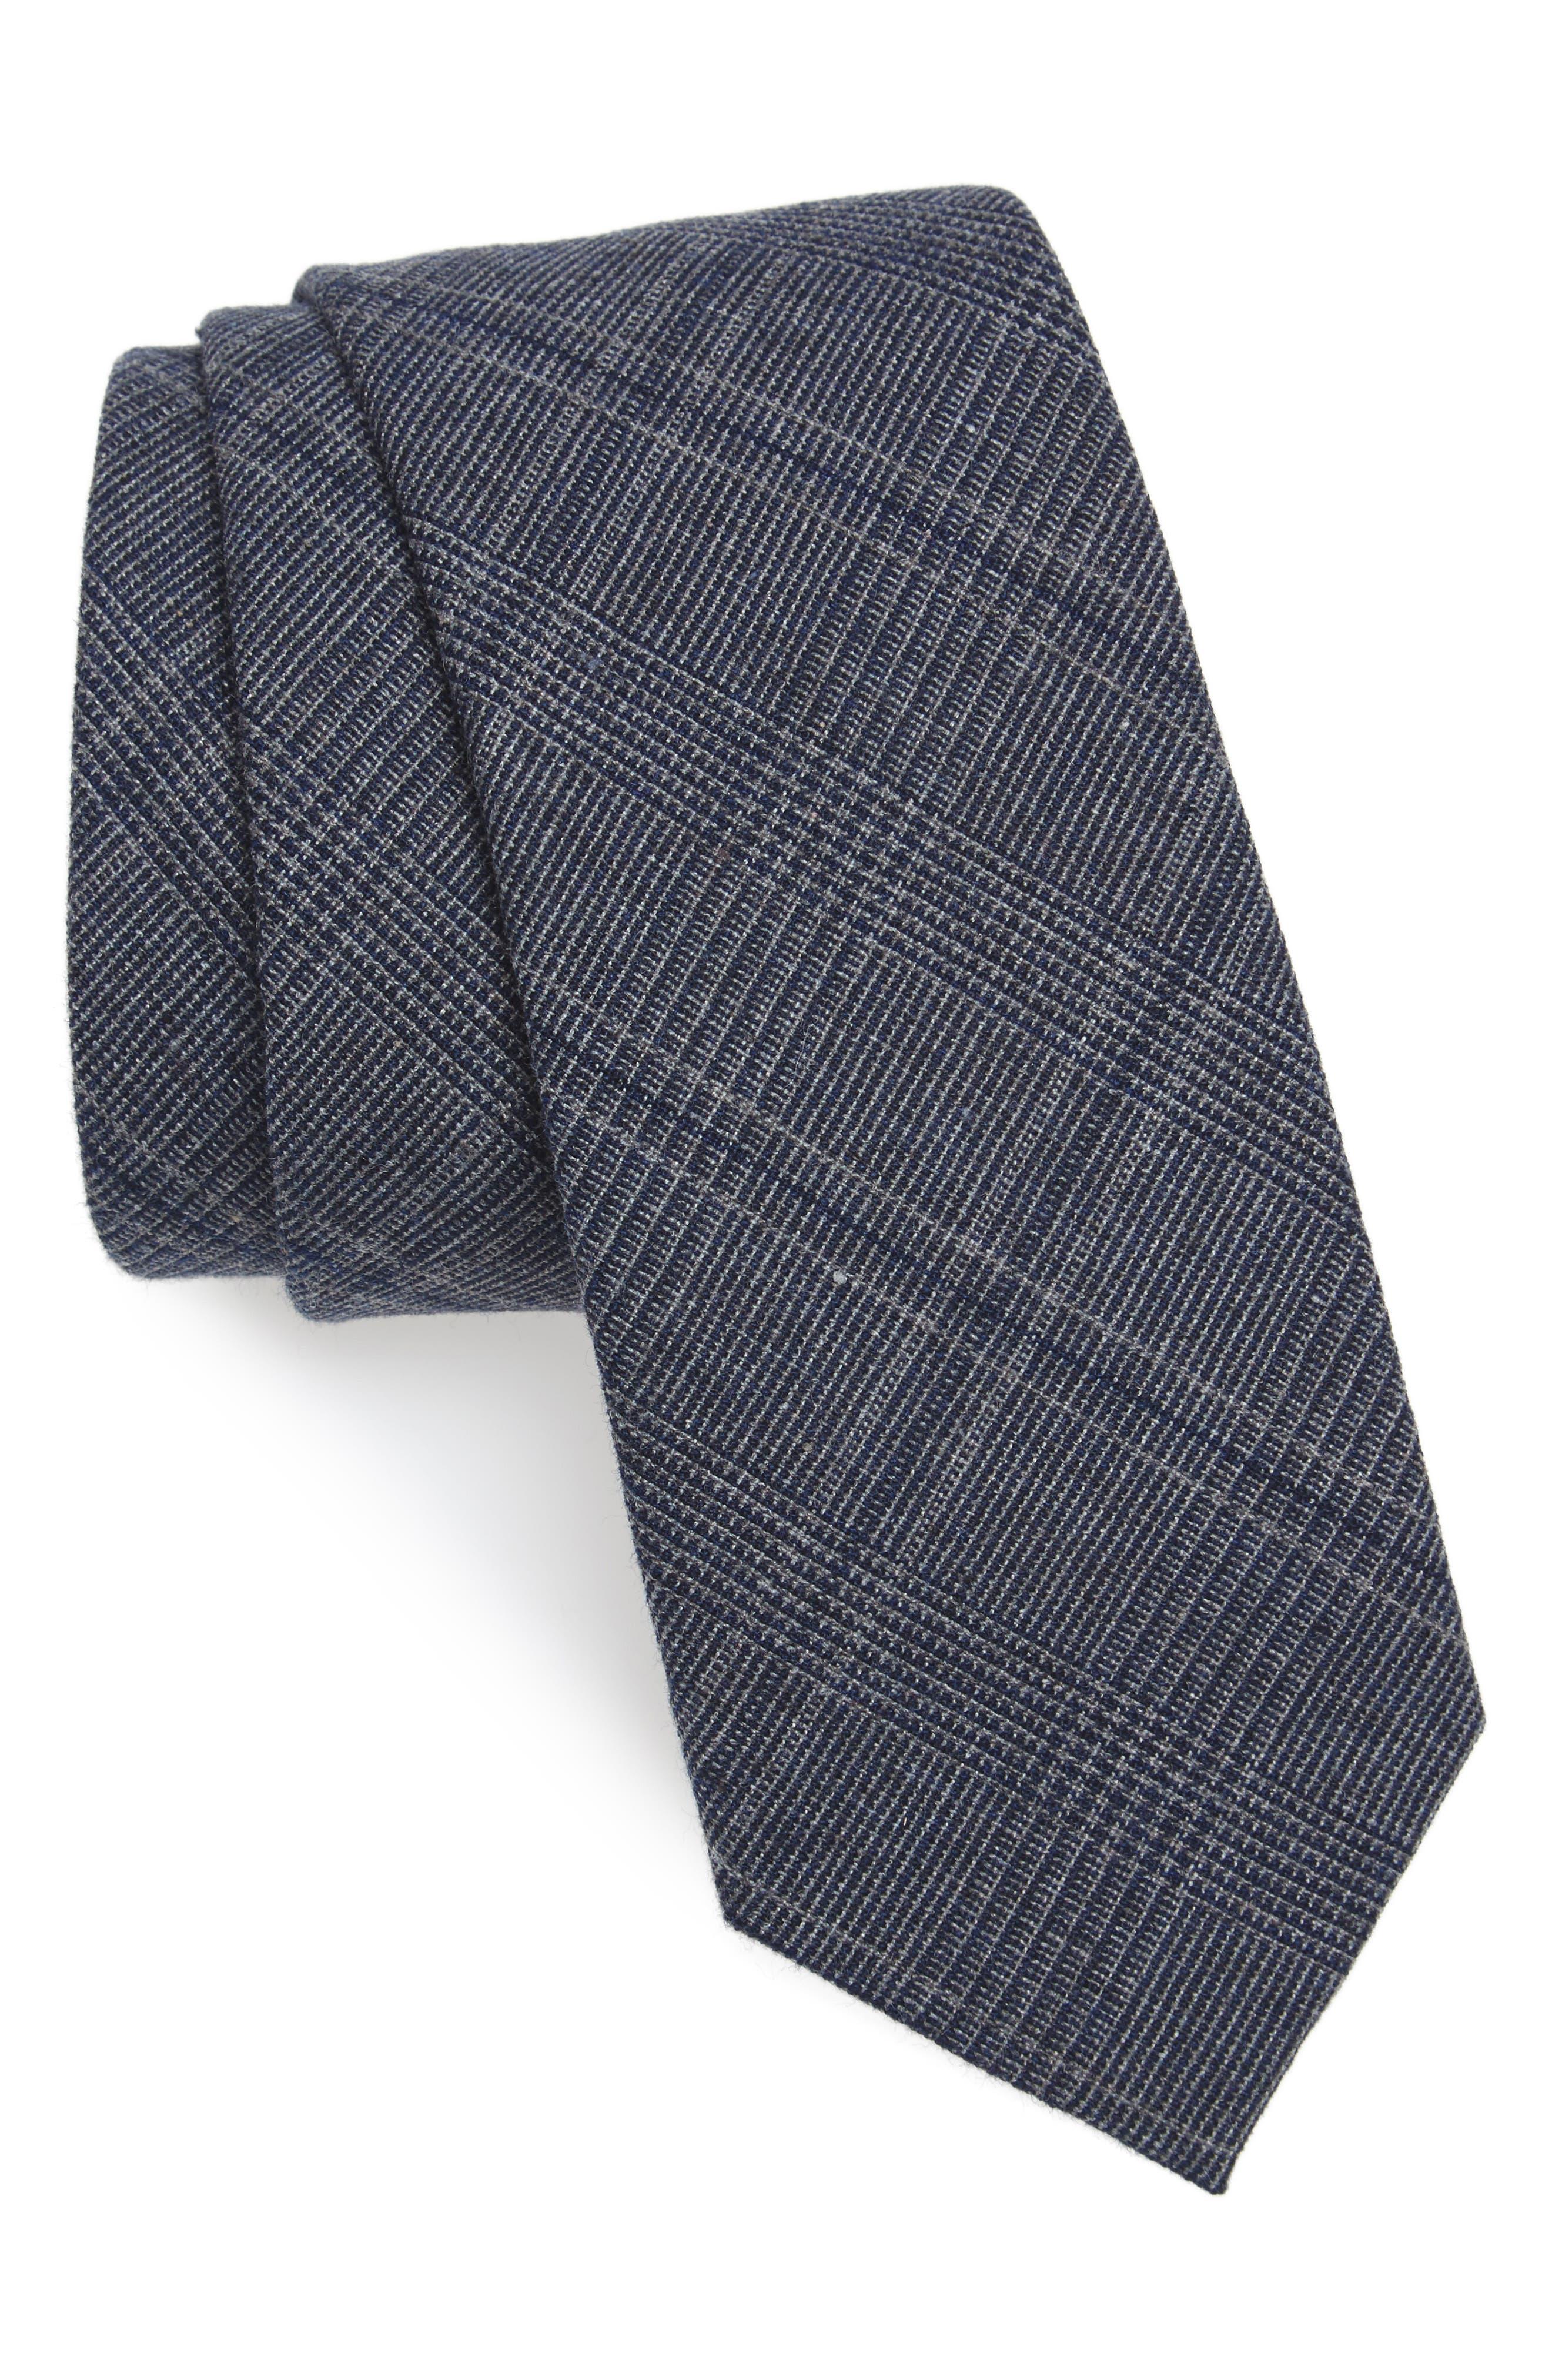 Cobble Plaid Cotton & Linen Tie,                         Main,                         color, Dark Navy